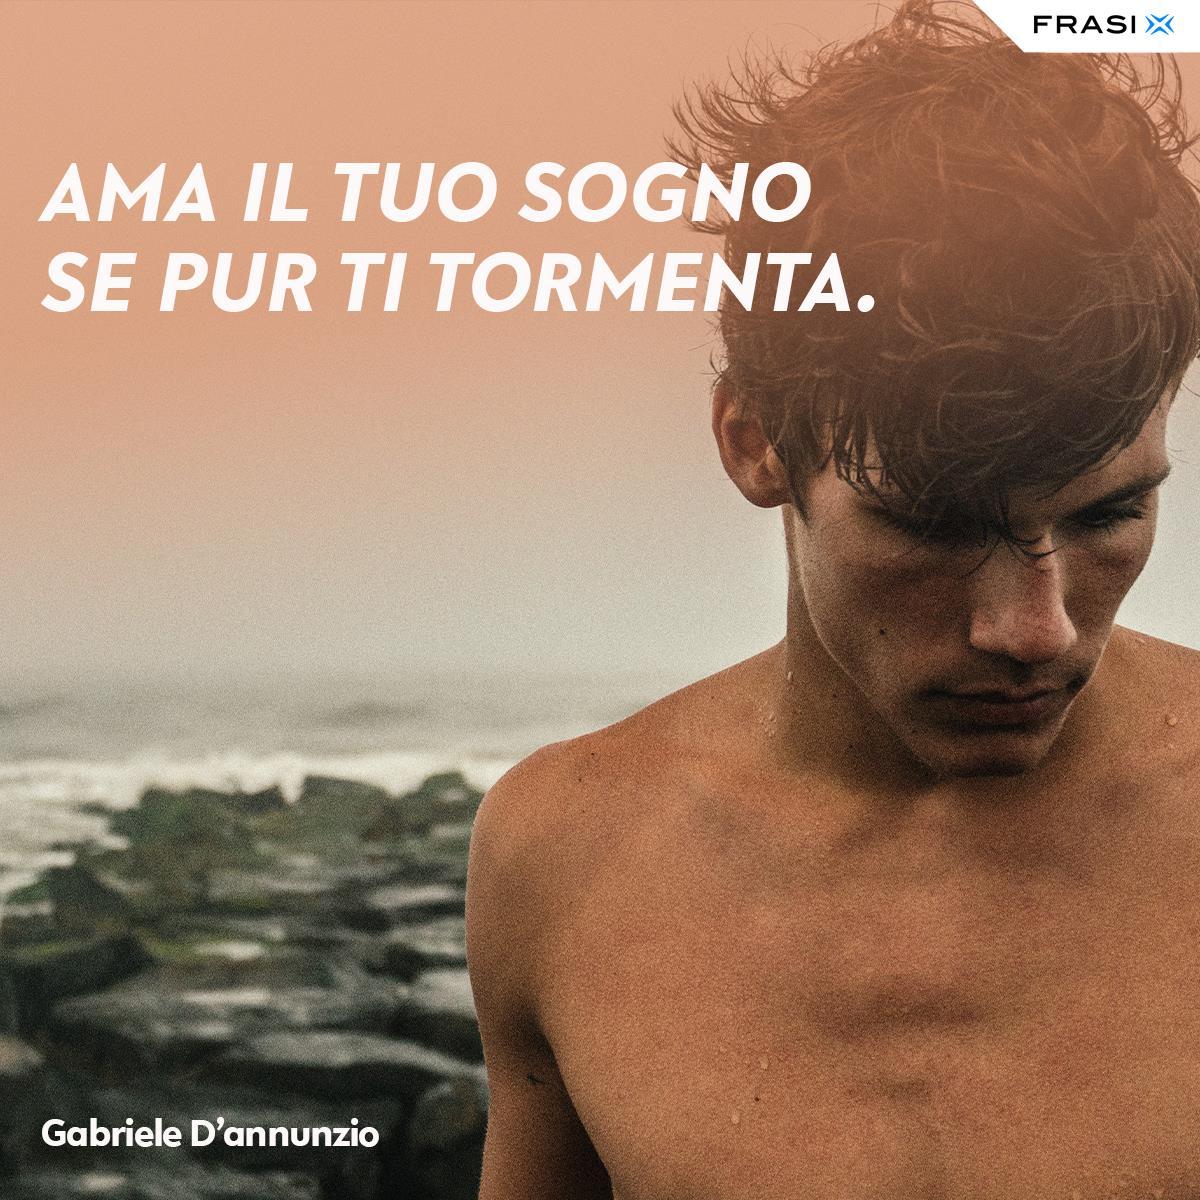 Frasi per foto Facebook Gabriele D'annnunzio